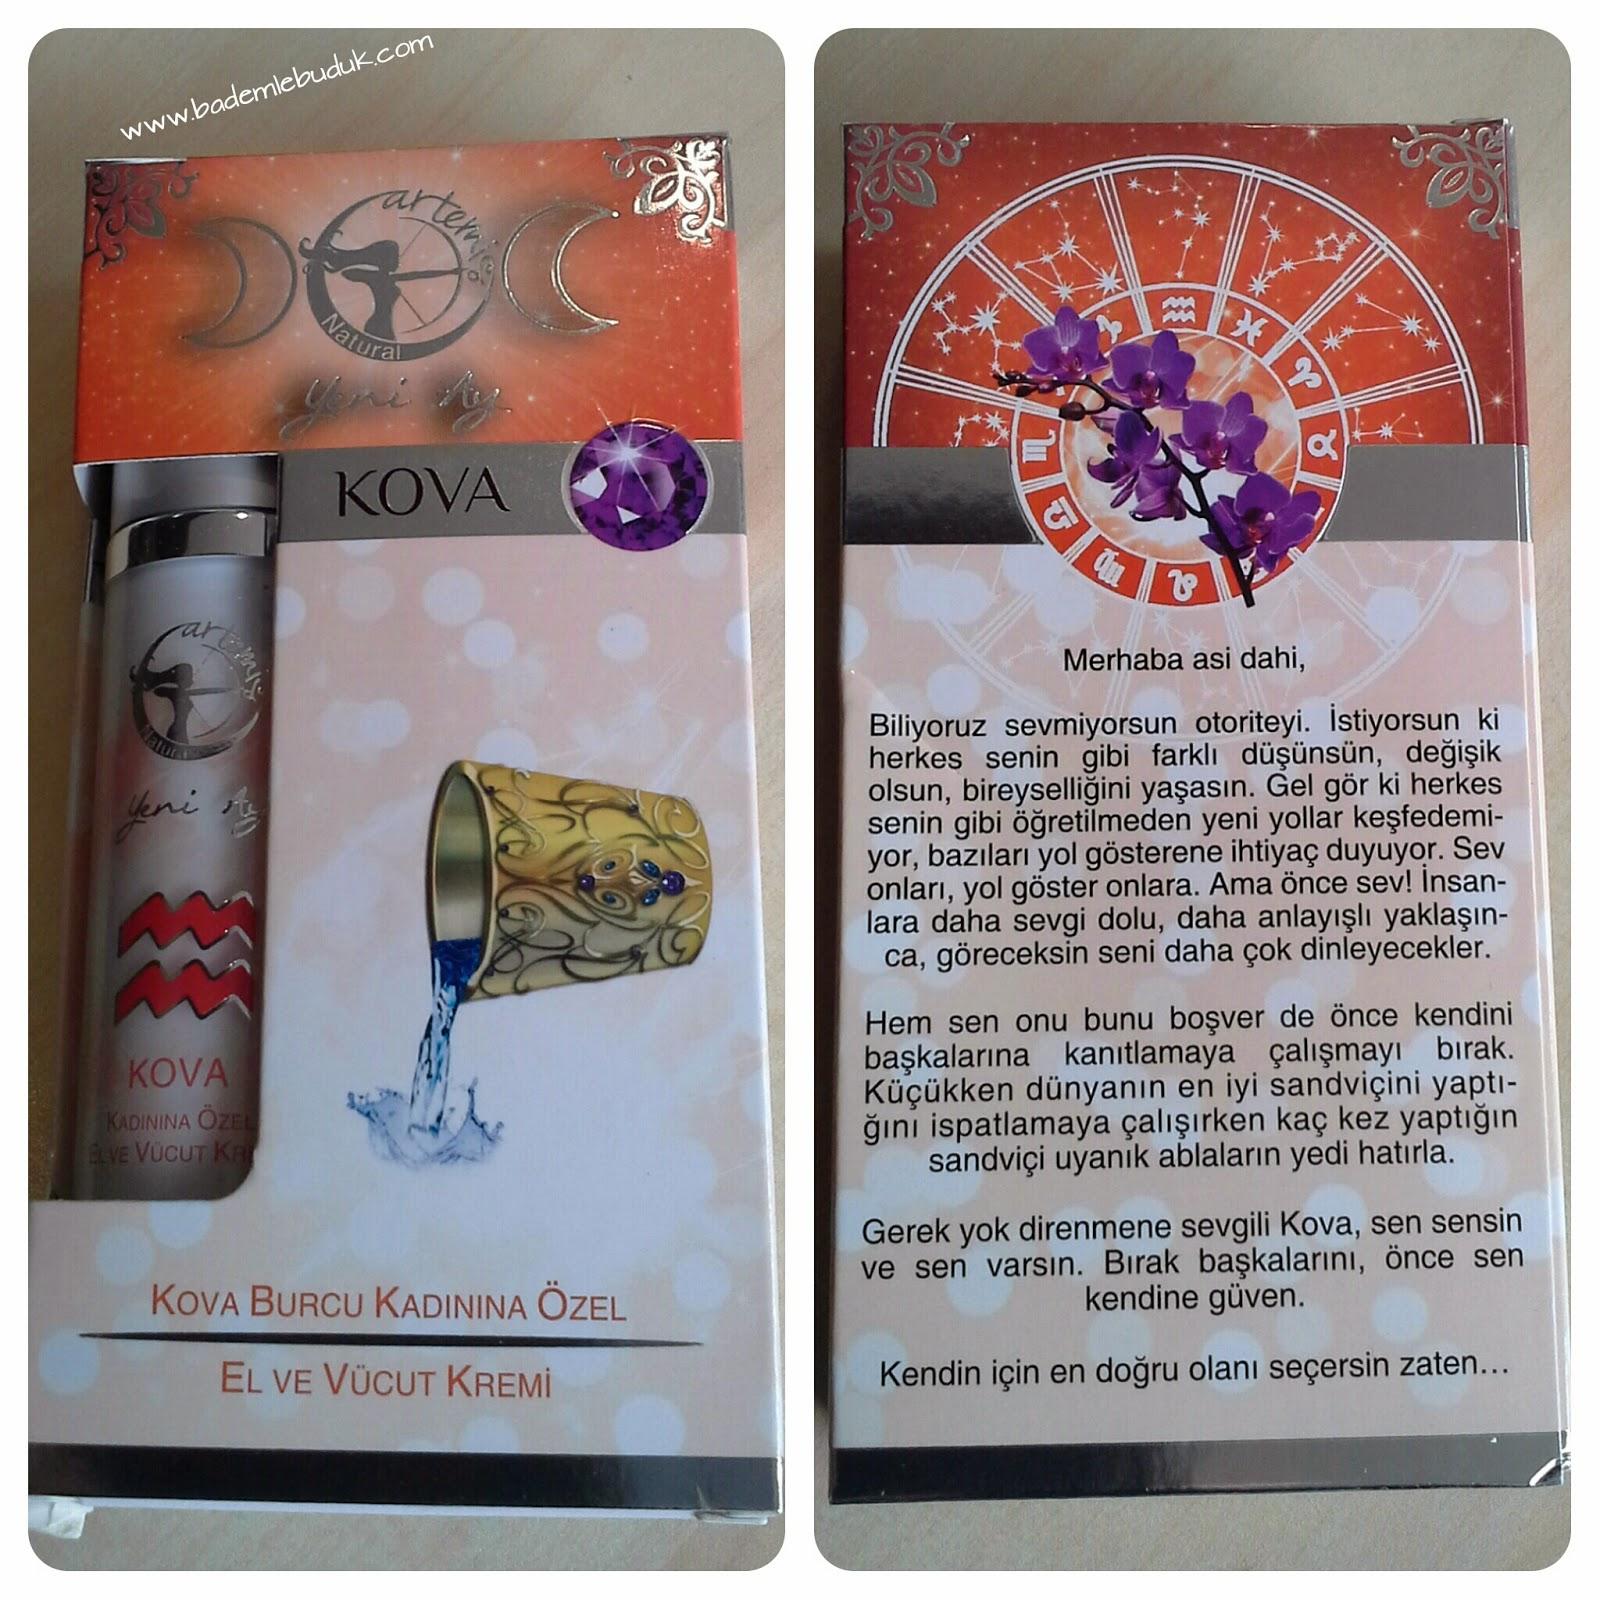 kova burcu - burç kremi - astroloji